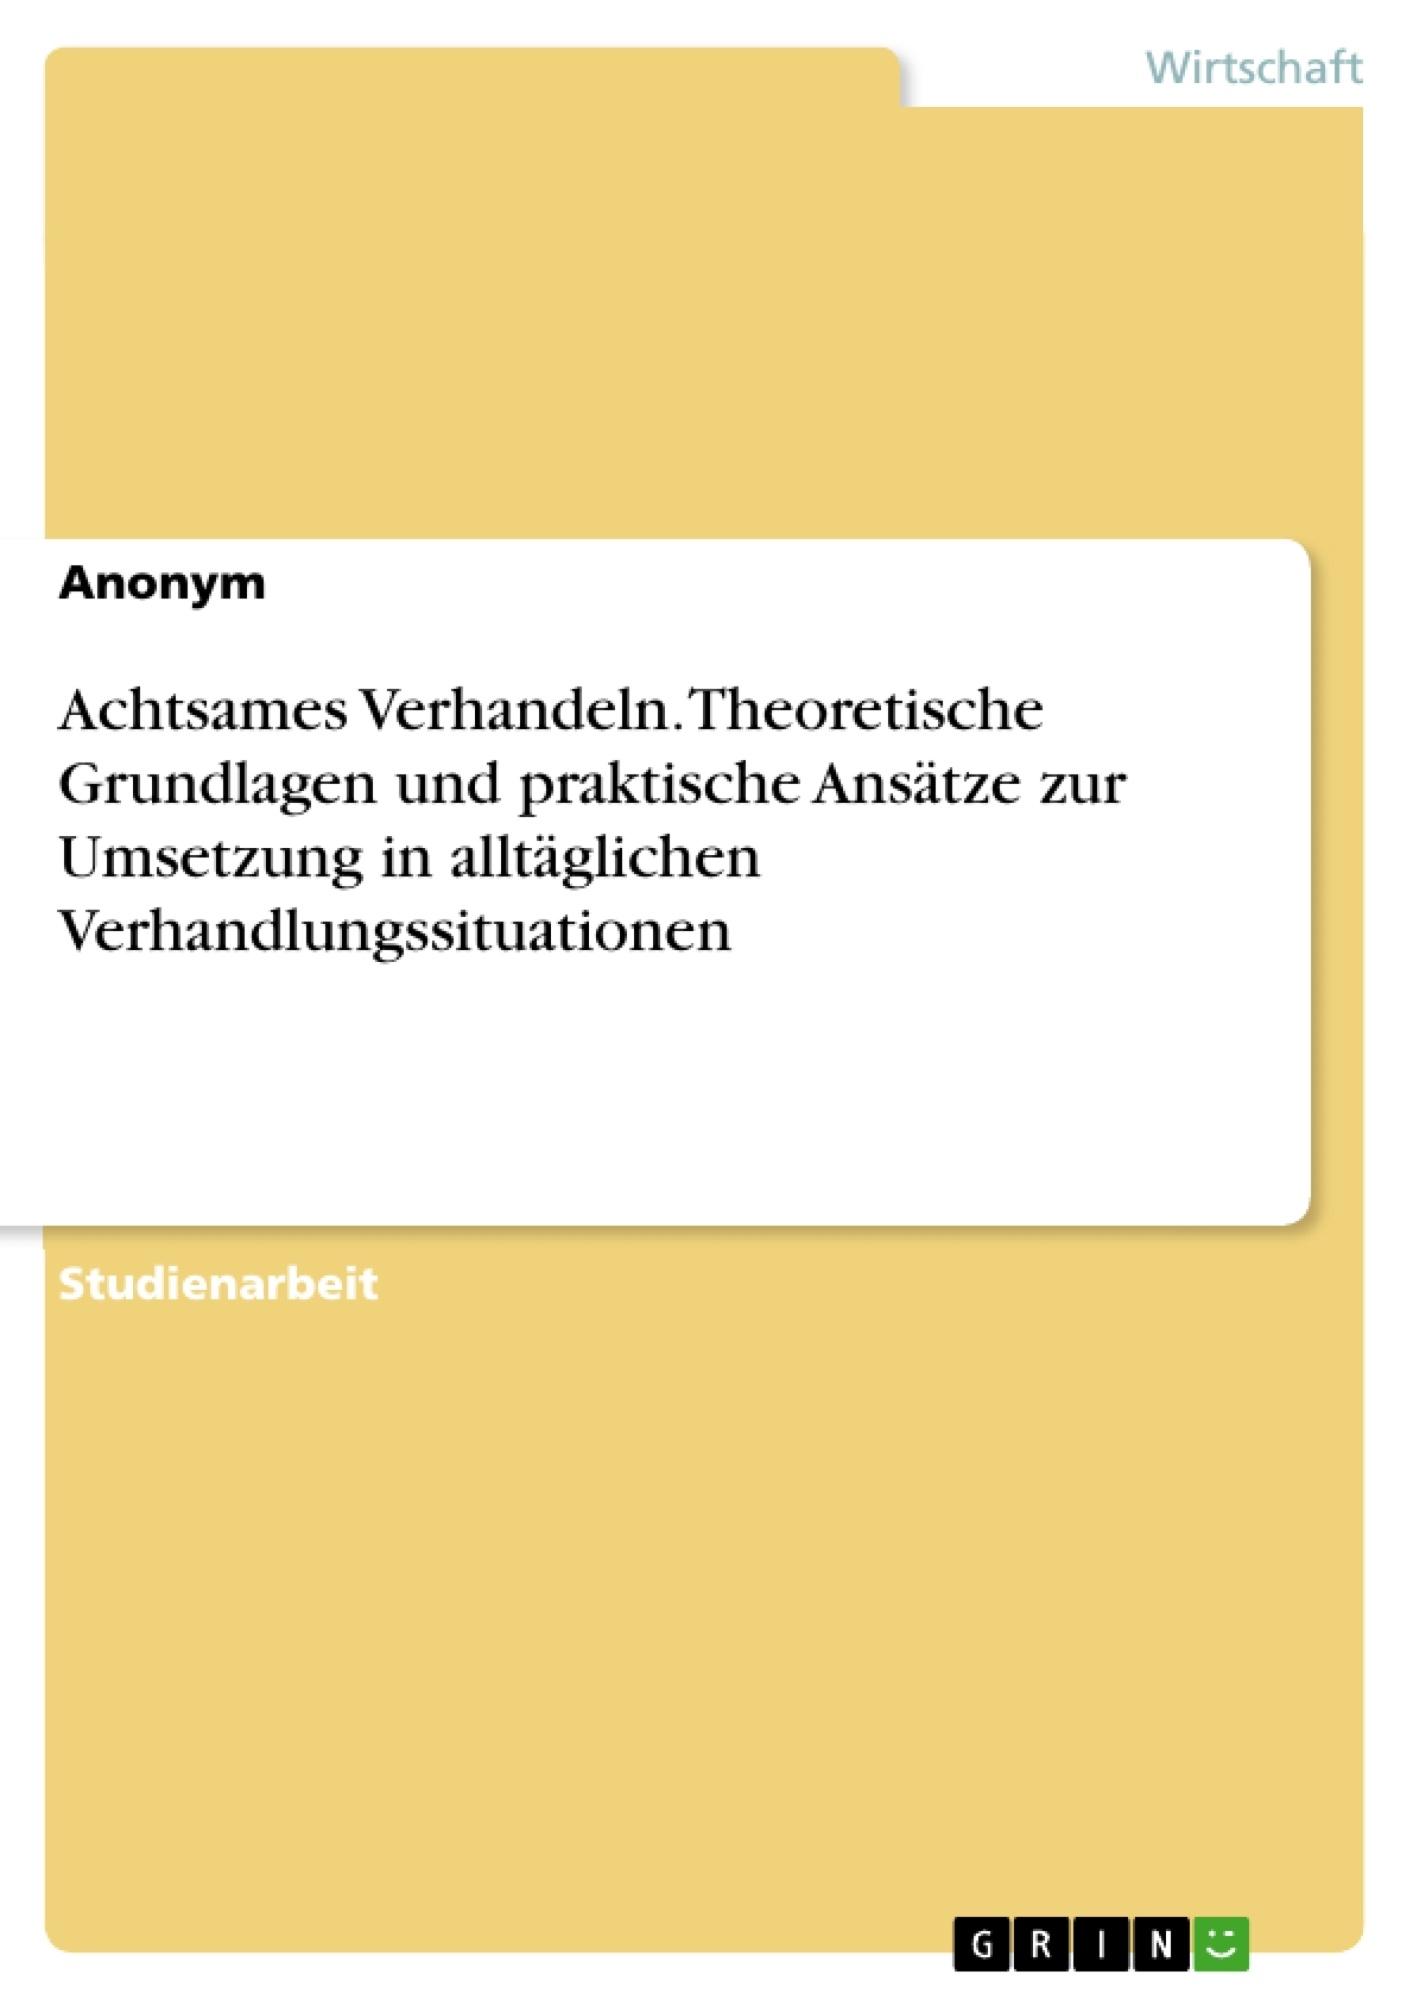 Titel: Achtsames Verhandeln. Theoretische Grundlagen und praktische Ansätze zur Umsetzung in alltäglichen Verhandlungssituationen